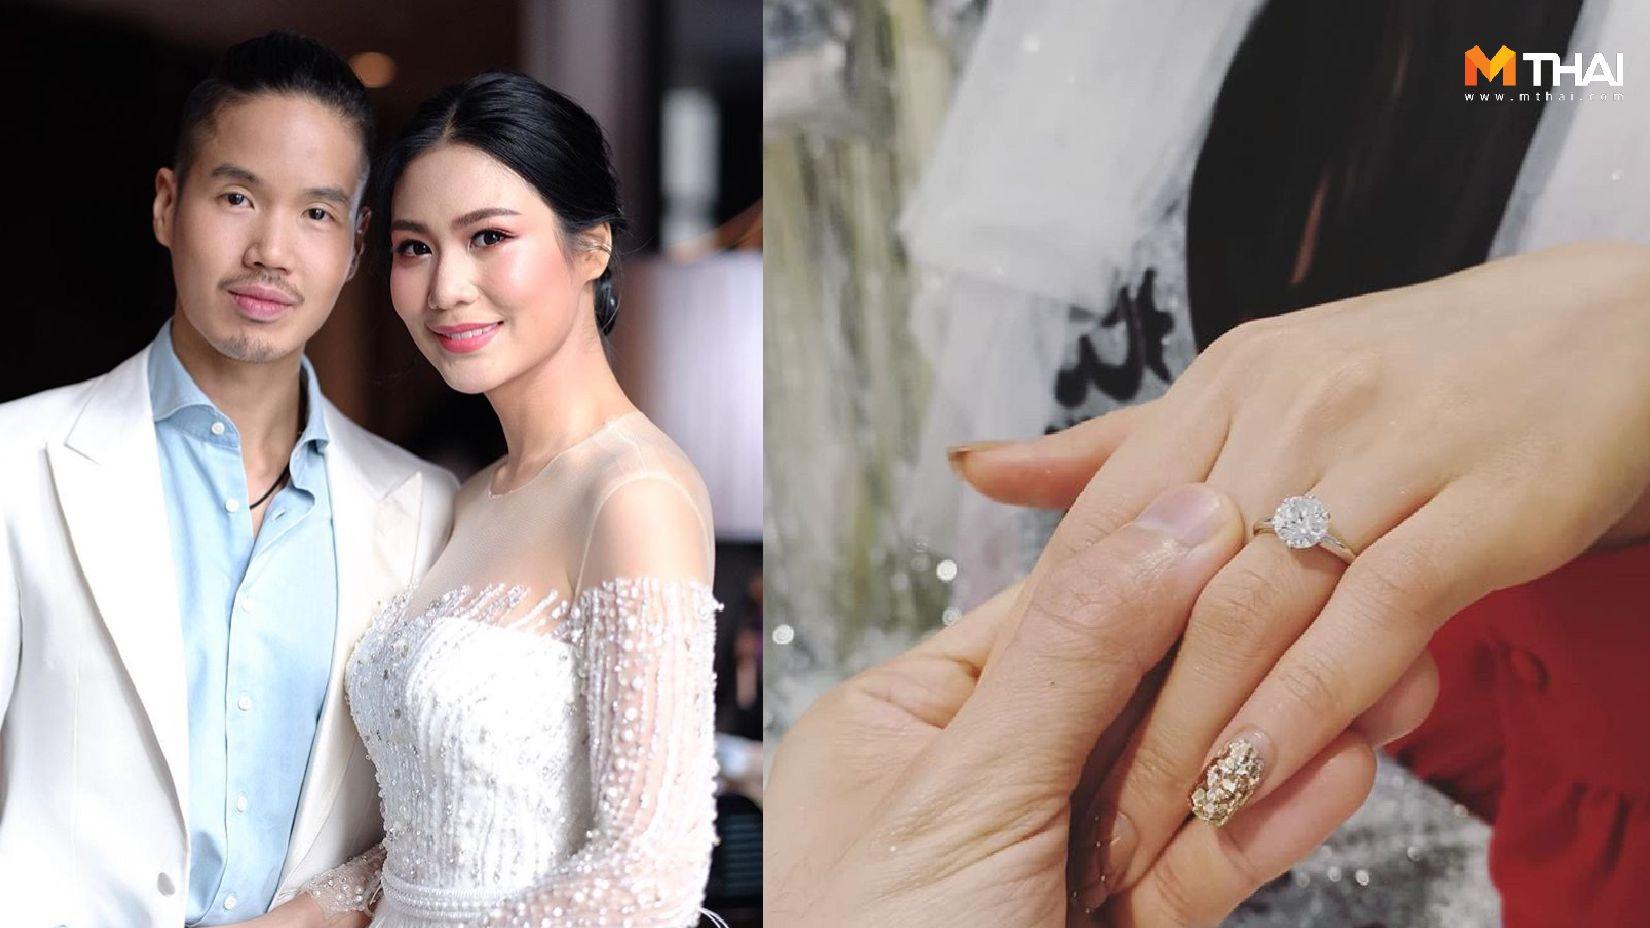 Miss Universe Thailand Miss Universe Thailand 2018 ชุดหมั้น นิ้ง โศภิดา นิ้ง โศภิดา กาญจนรินทร์ นิ้งโศภิดา ขอแต่งงาน มิสยูนิเวิร์สไทยแลนด์ มิสยูนิเวิร์สไทยแลนด์ 2018